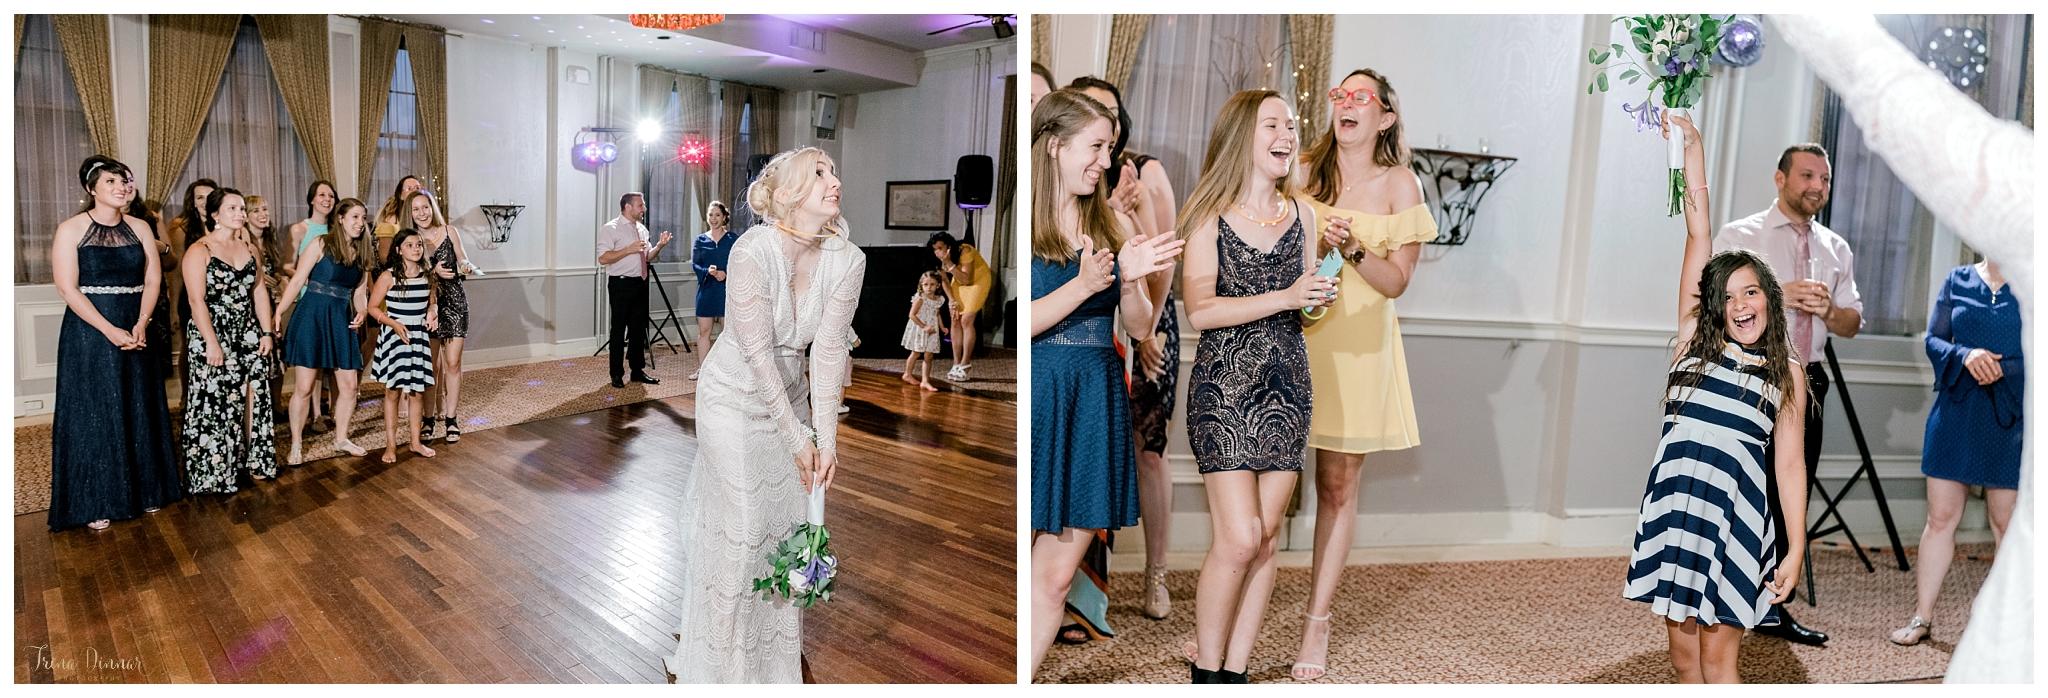 Bouquet Toss at Wedding Reception